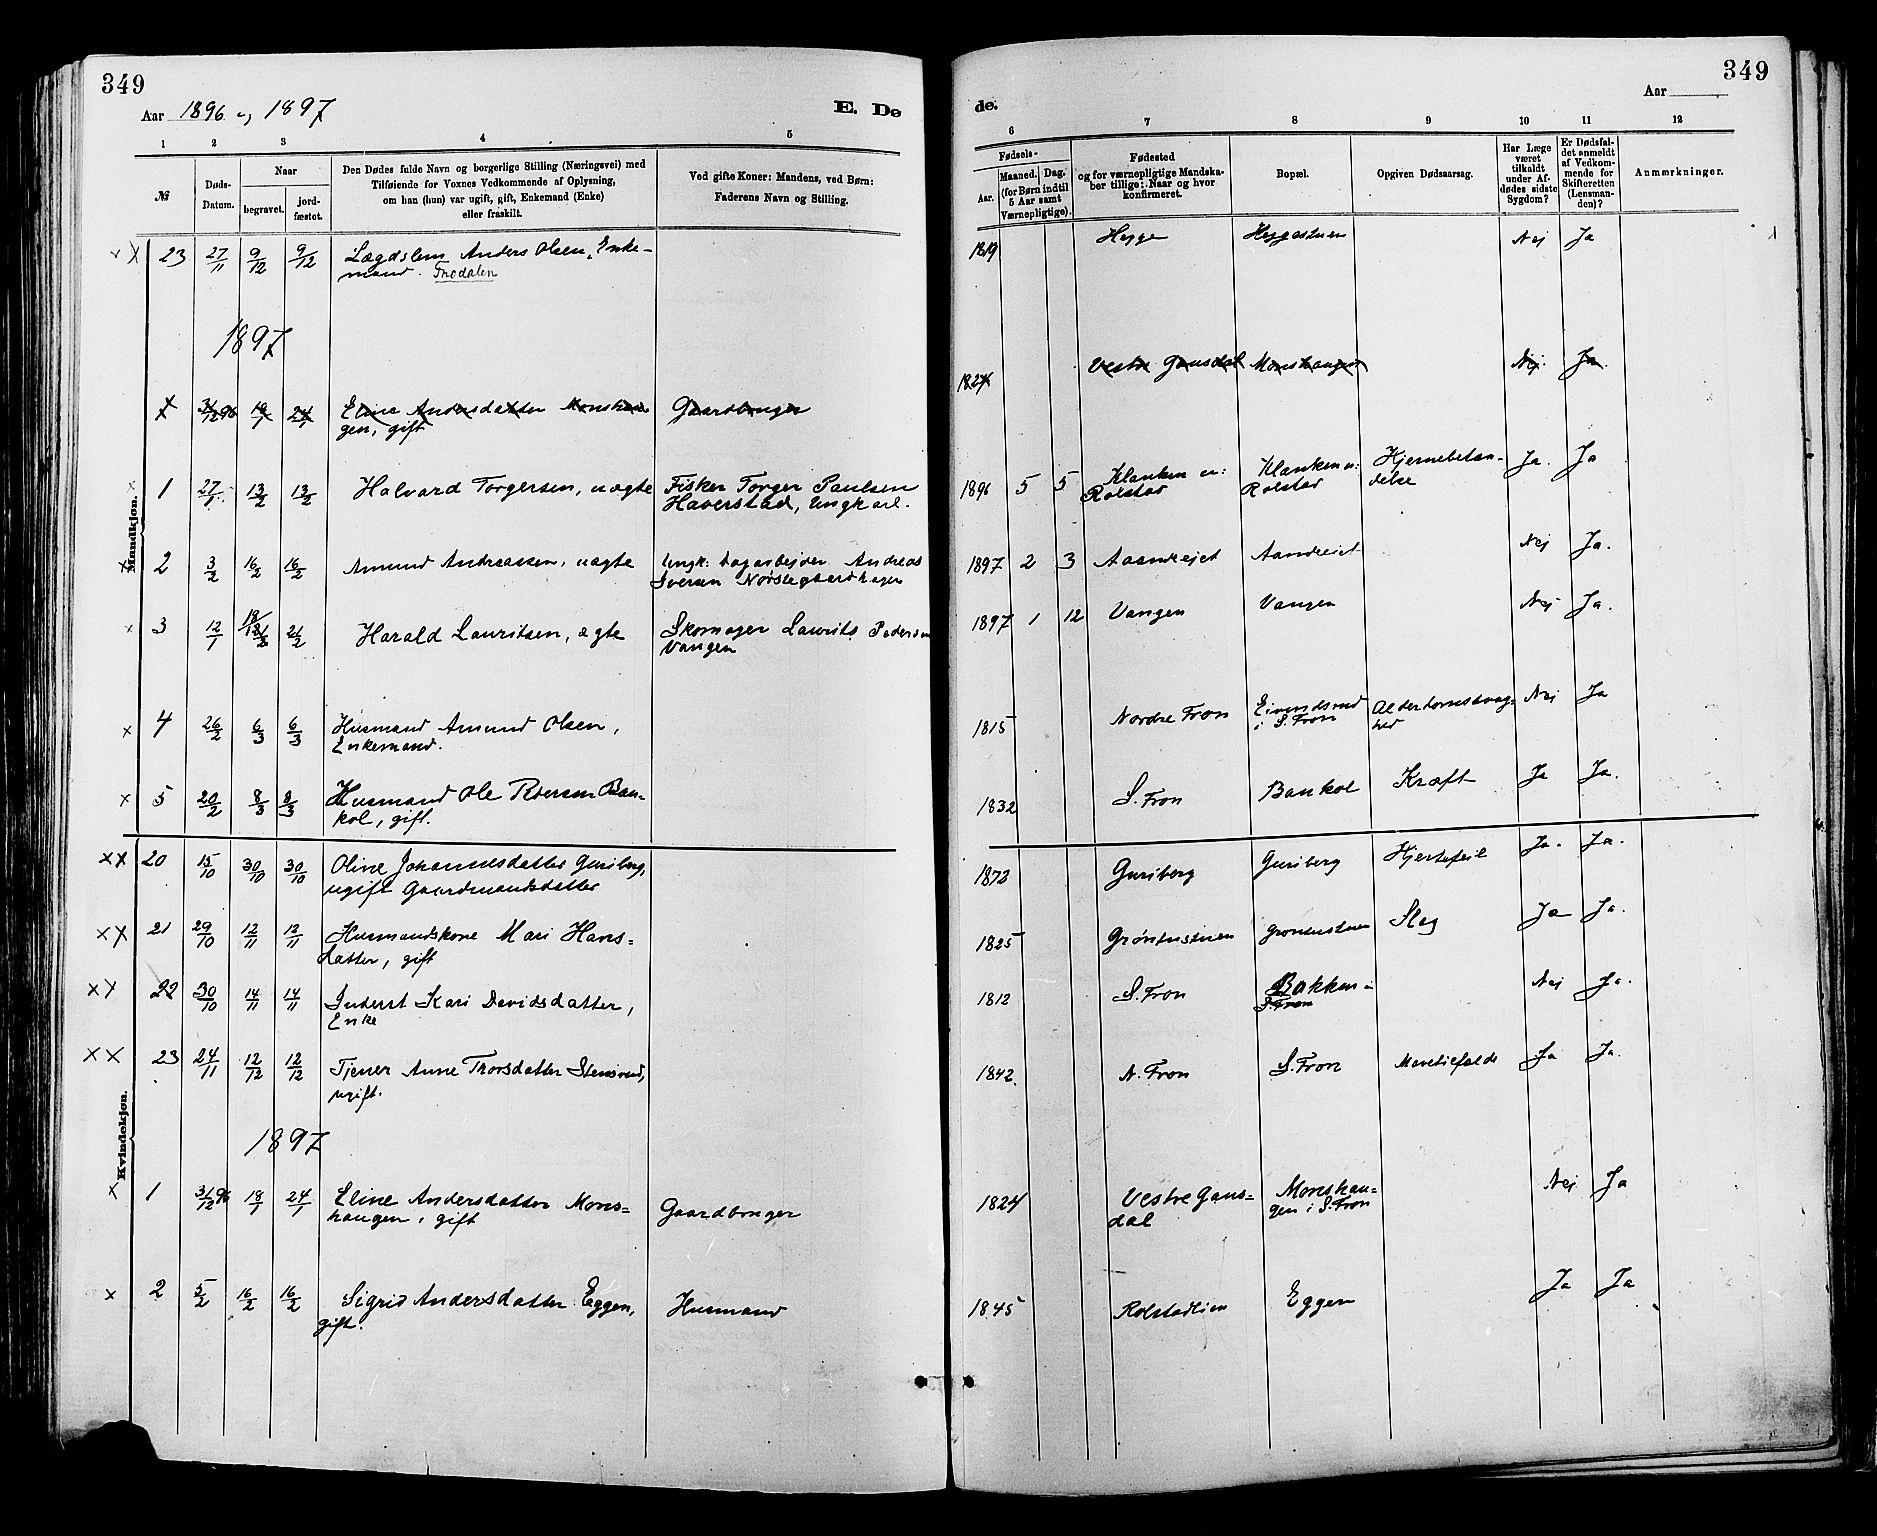 SAH, Sør-Fron prestekontor, H/Ha/Haa/L0003: Ministerialbok nr. 3, 1881-1897, s. 349